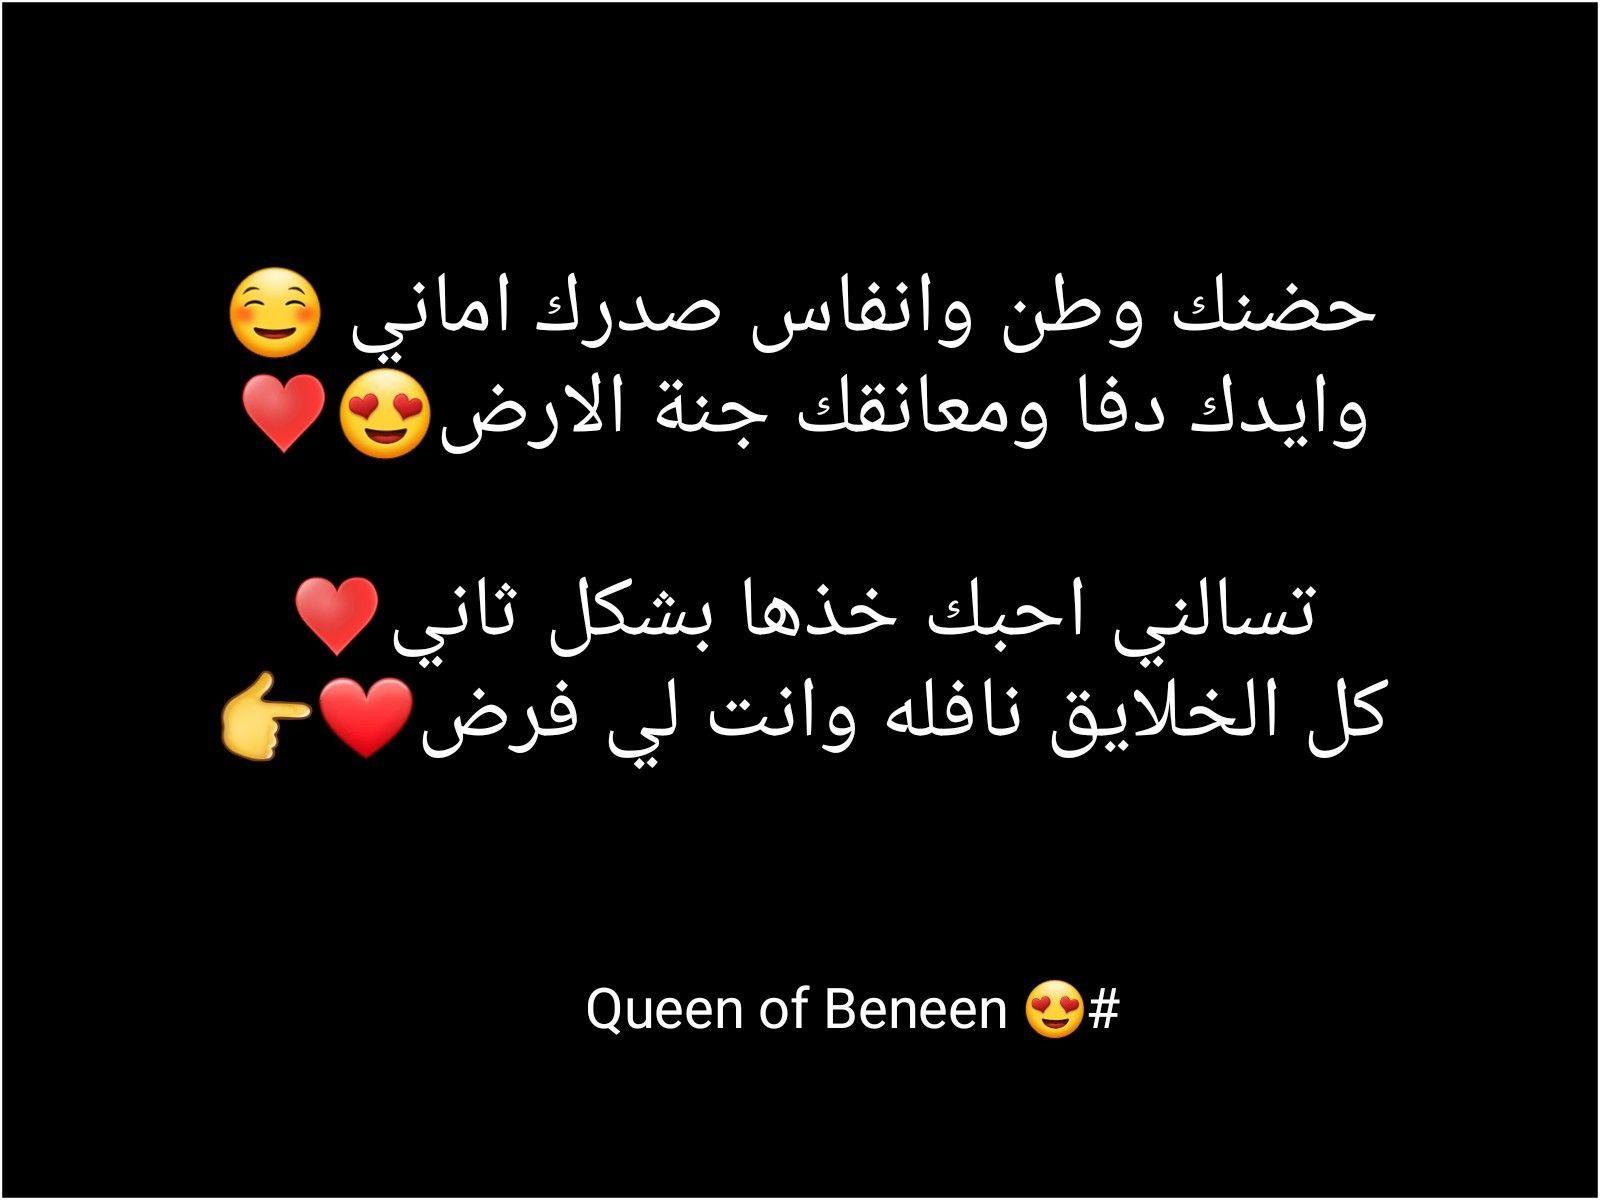 Pin By Queen Of Beneen On كتاباتي Iphone Wallpaper Iphone Wallpaper